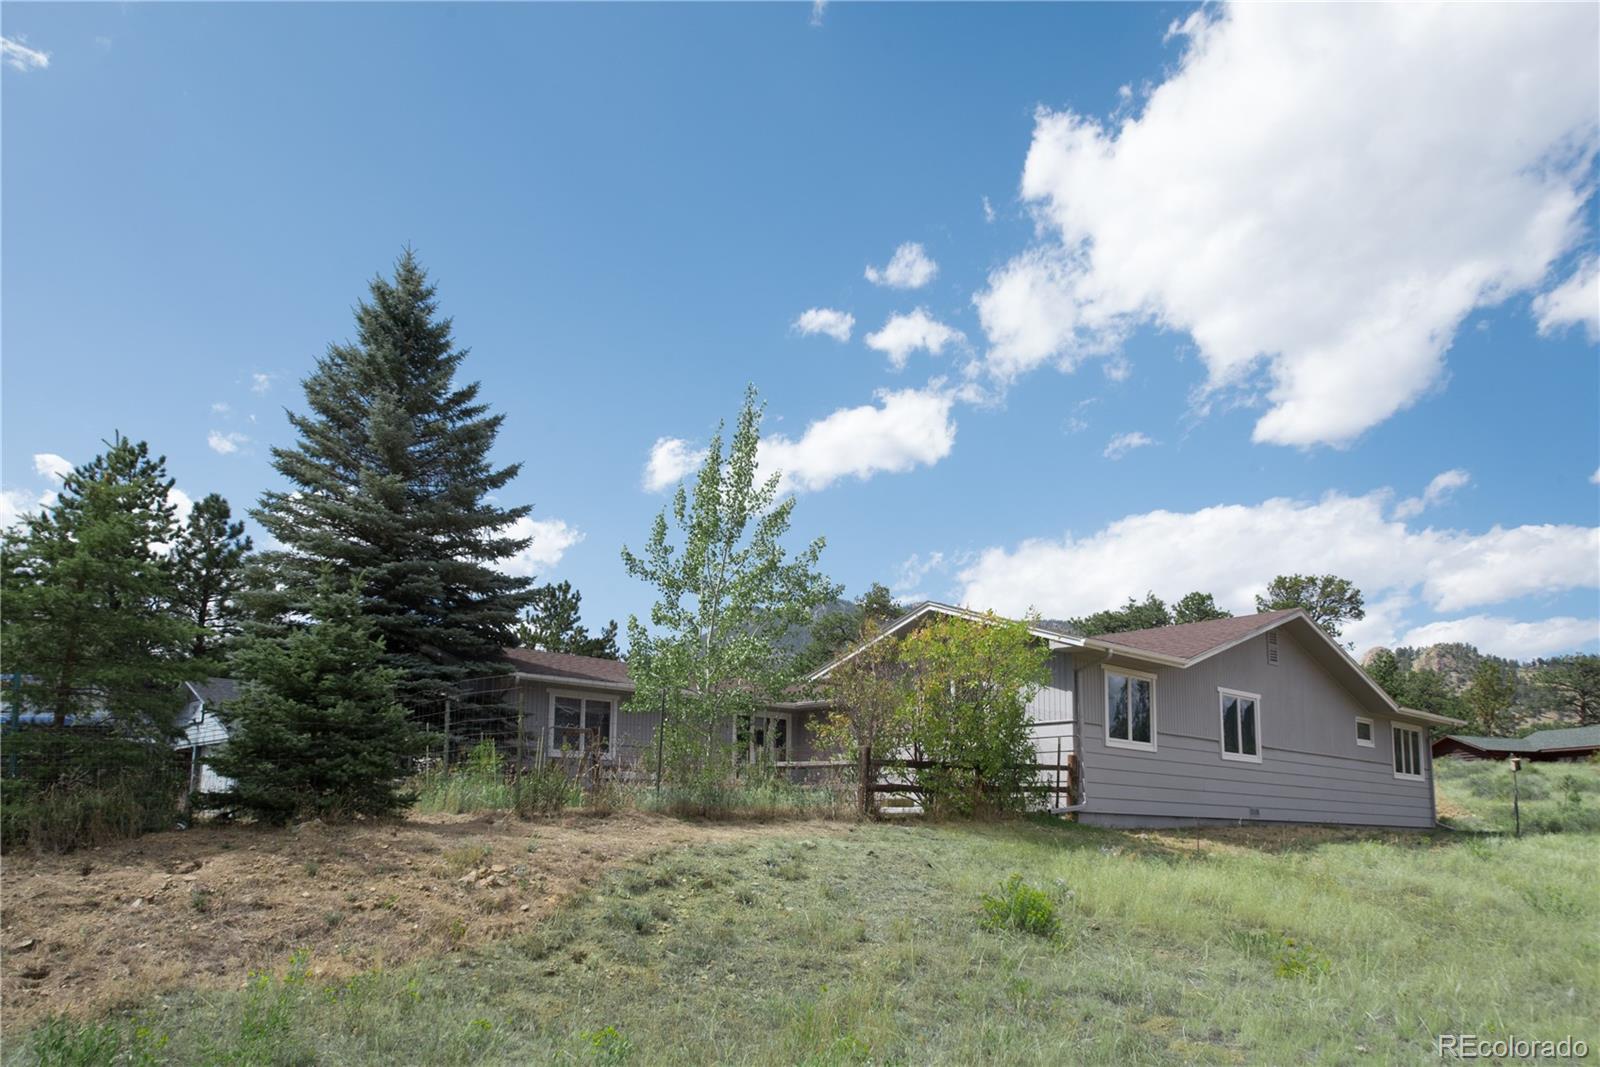 1857 Highway 66, Estes Park, CO 80517 - Estes Park, CO real estate listing